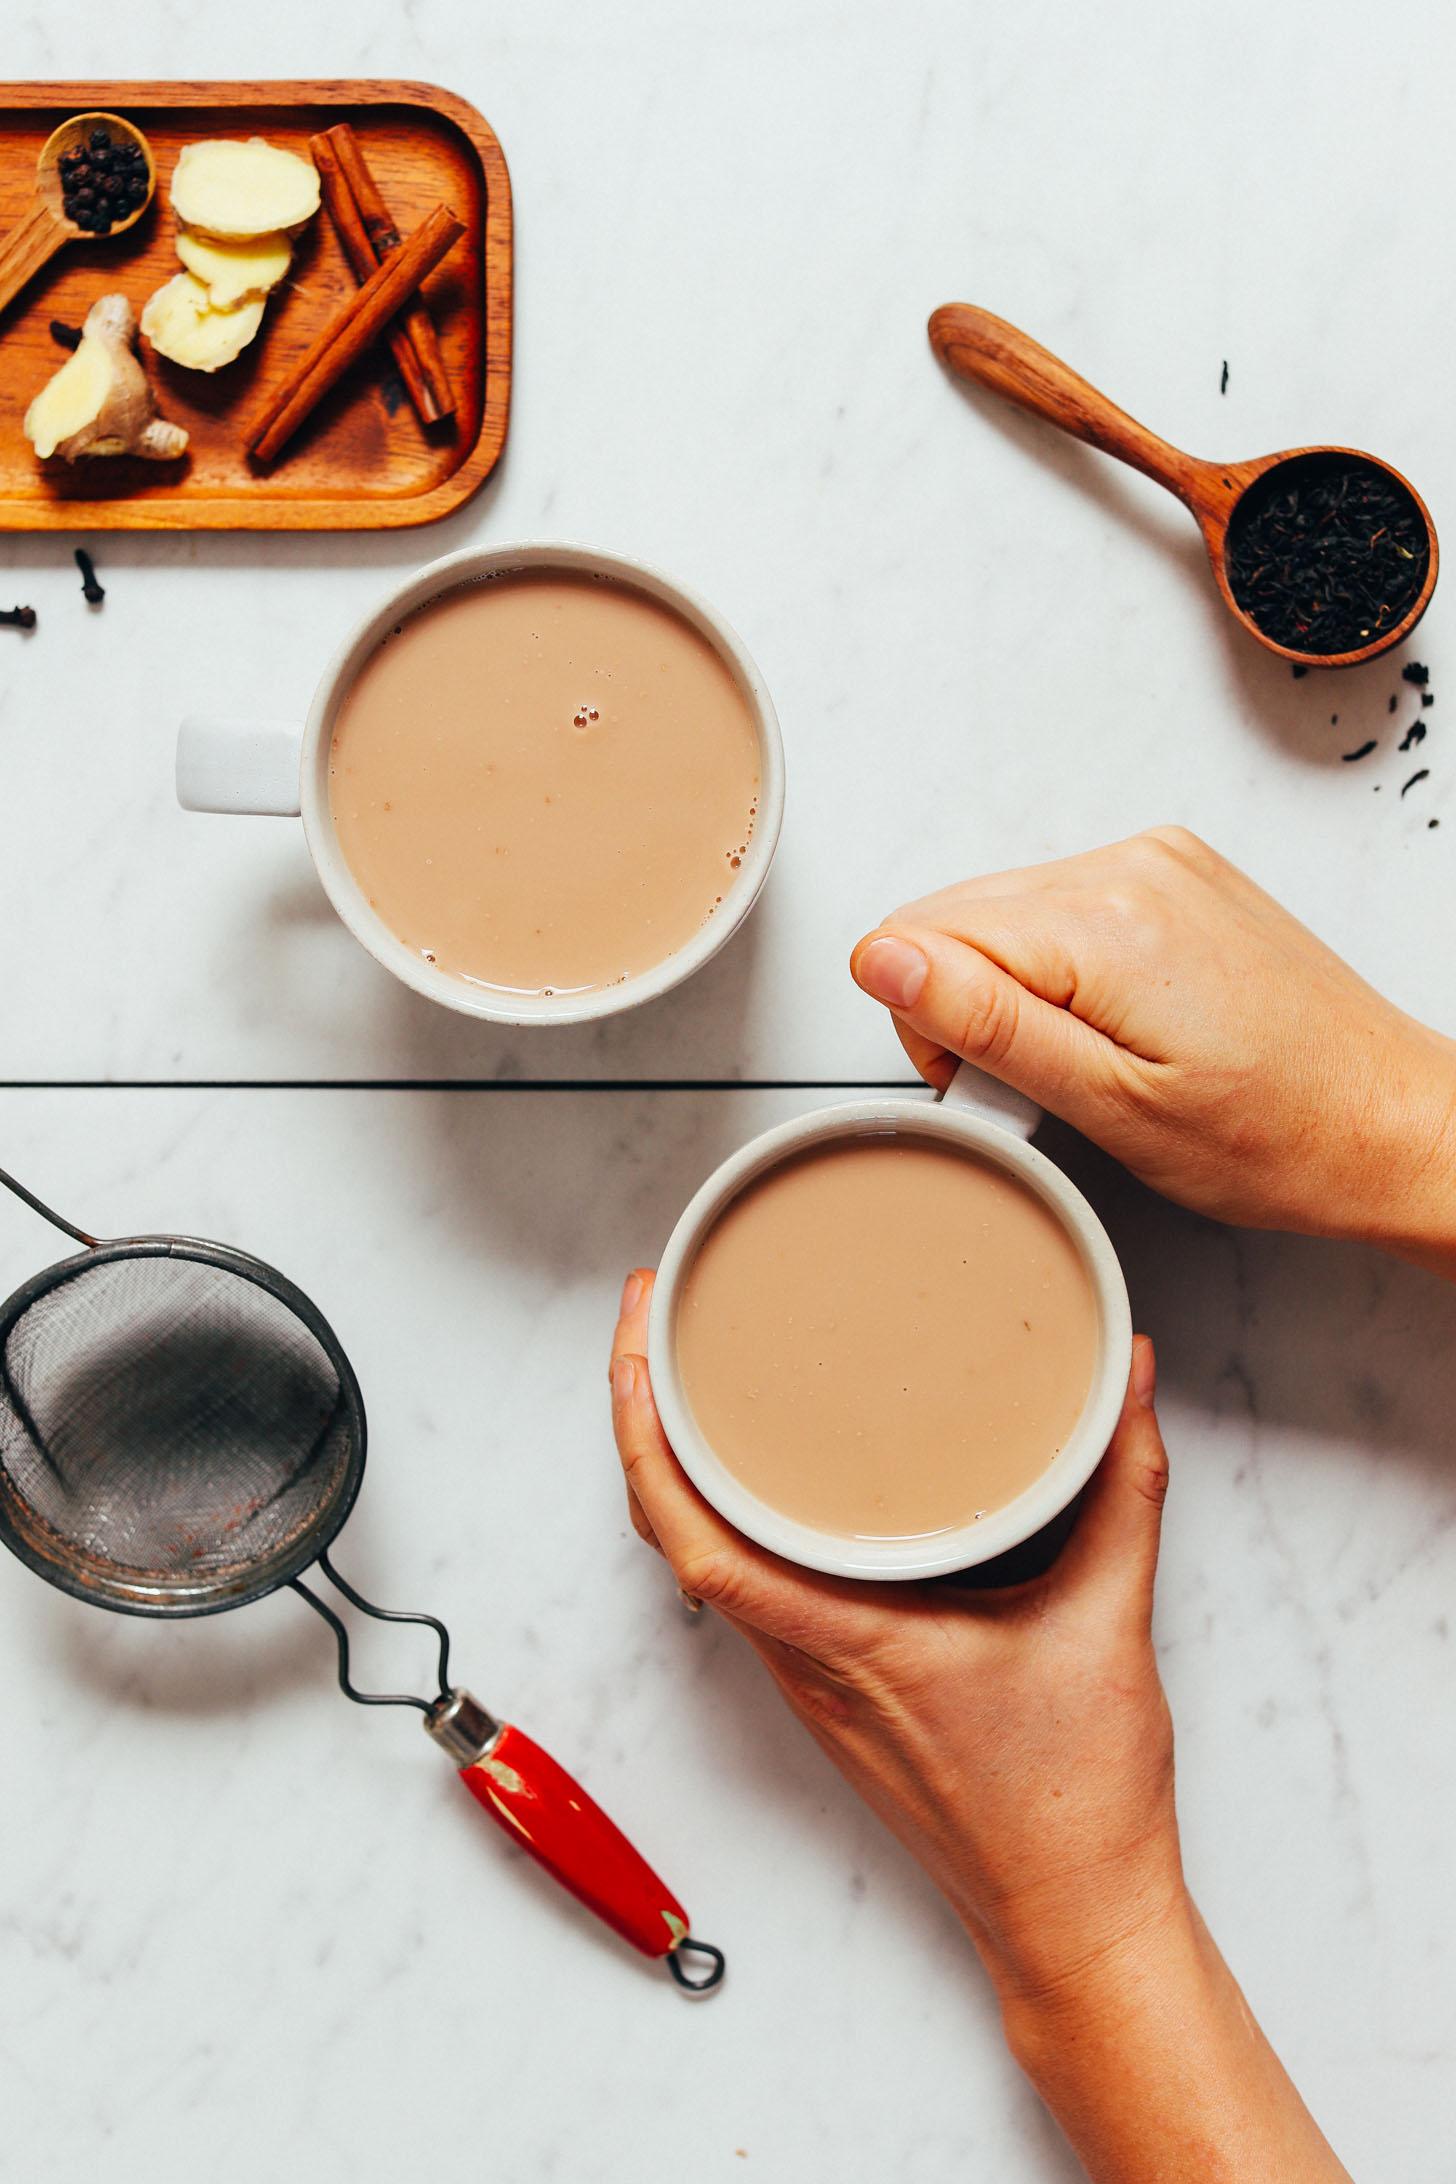 Sosteniendo una taza de té Masala Chai casero junto a los ingredientes utilizados para prepararlo